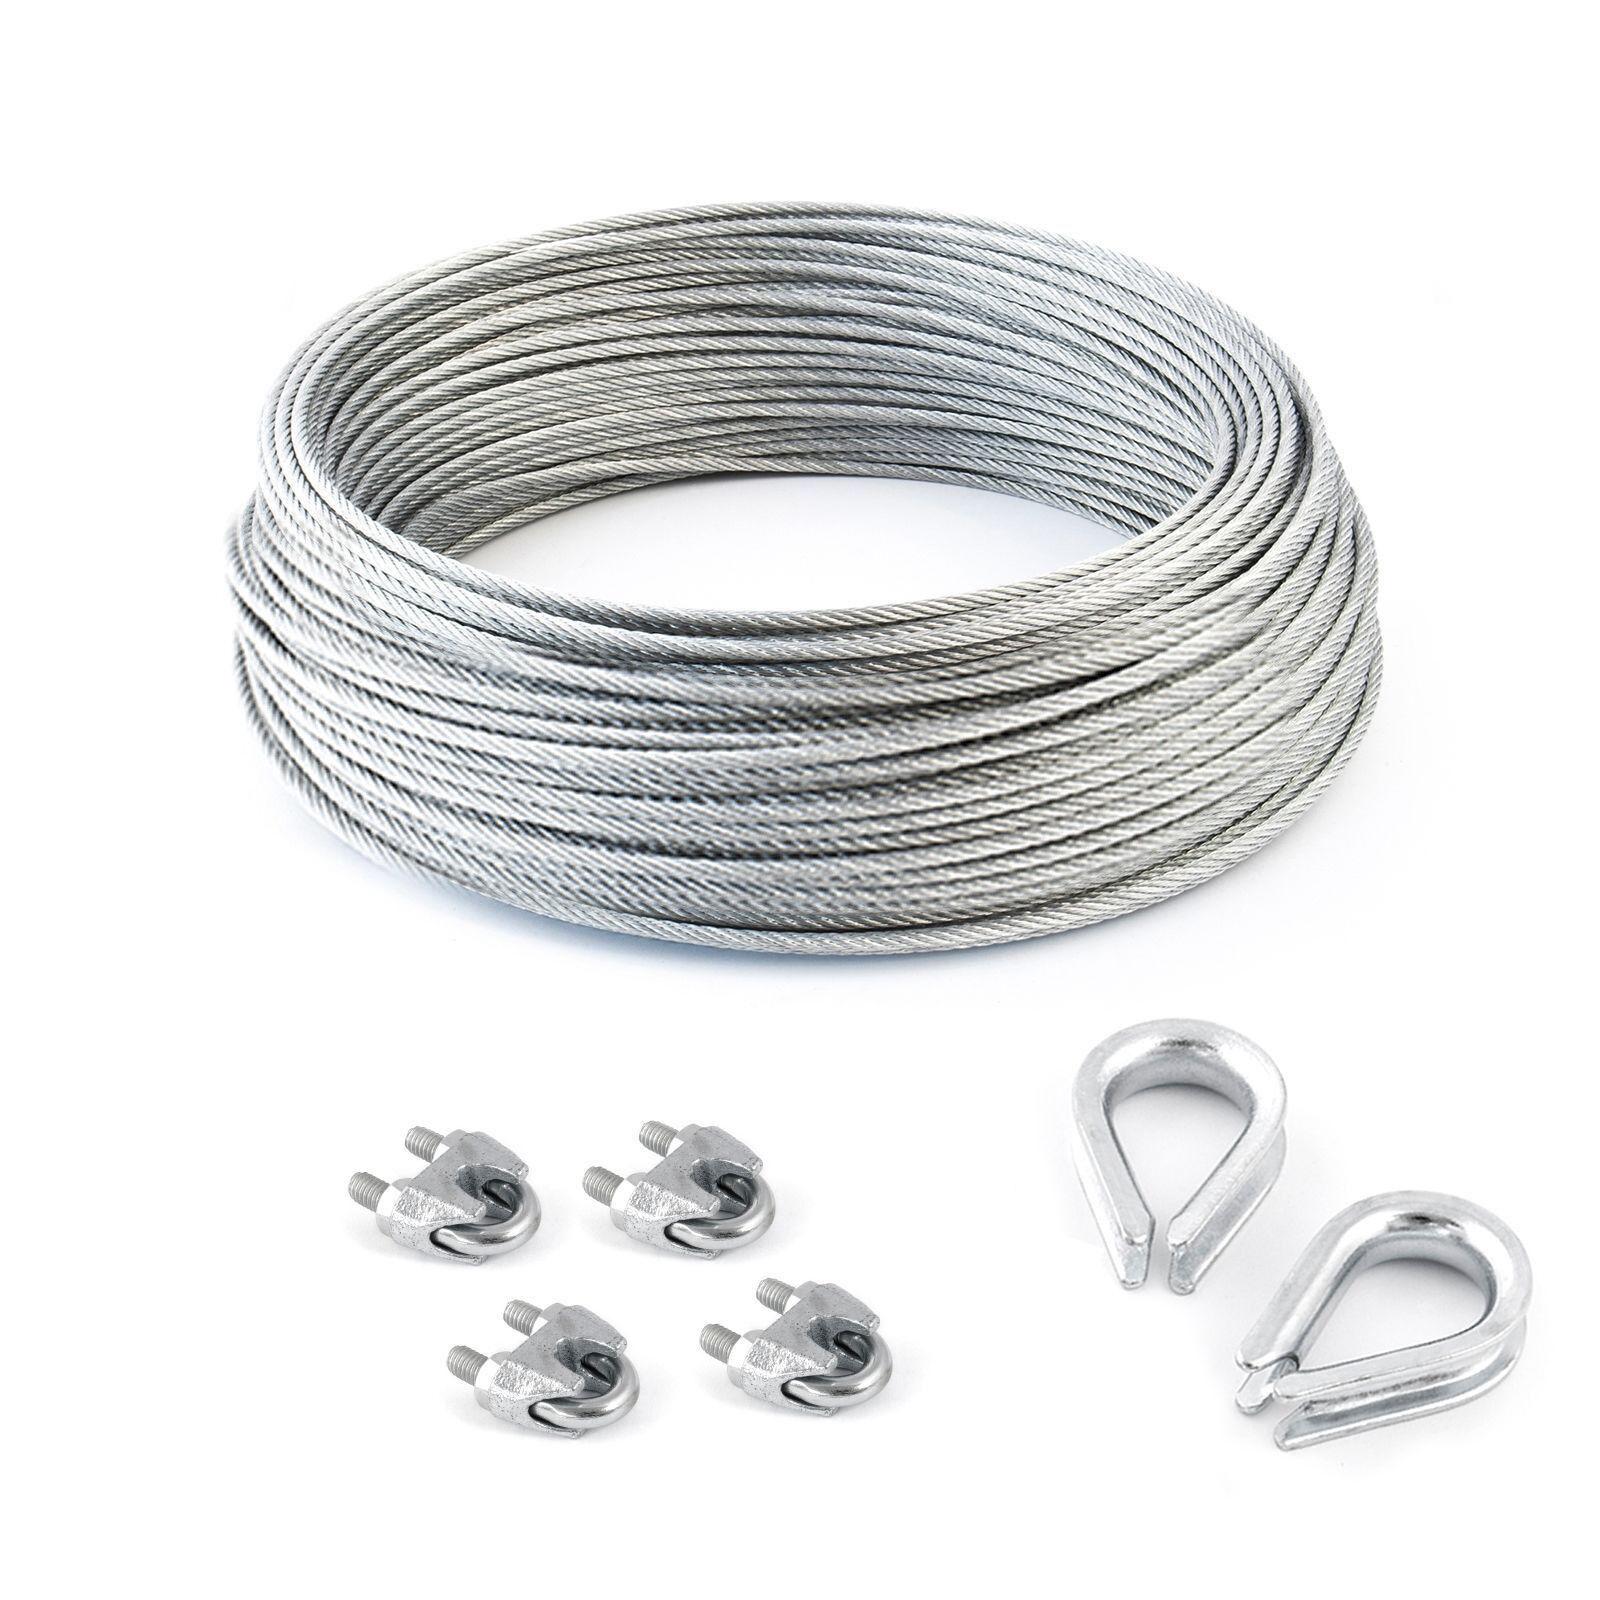 Stahlseil Set verzinkt 5m- 200m + 4 Klemmen + 2 Kausche Drahtseil Seile Seil DIN